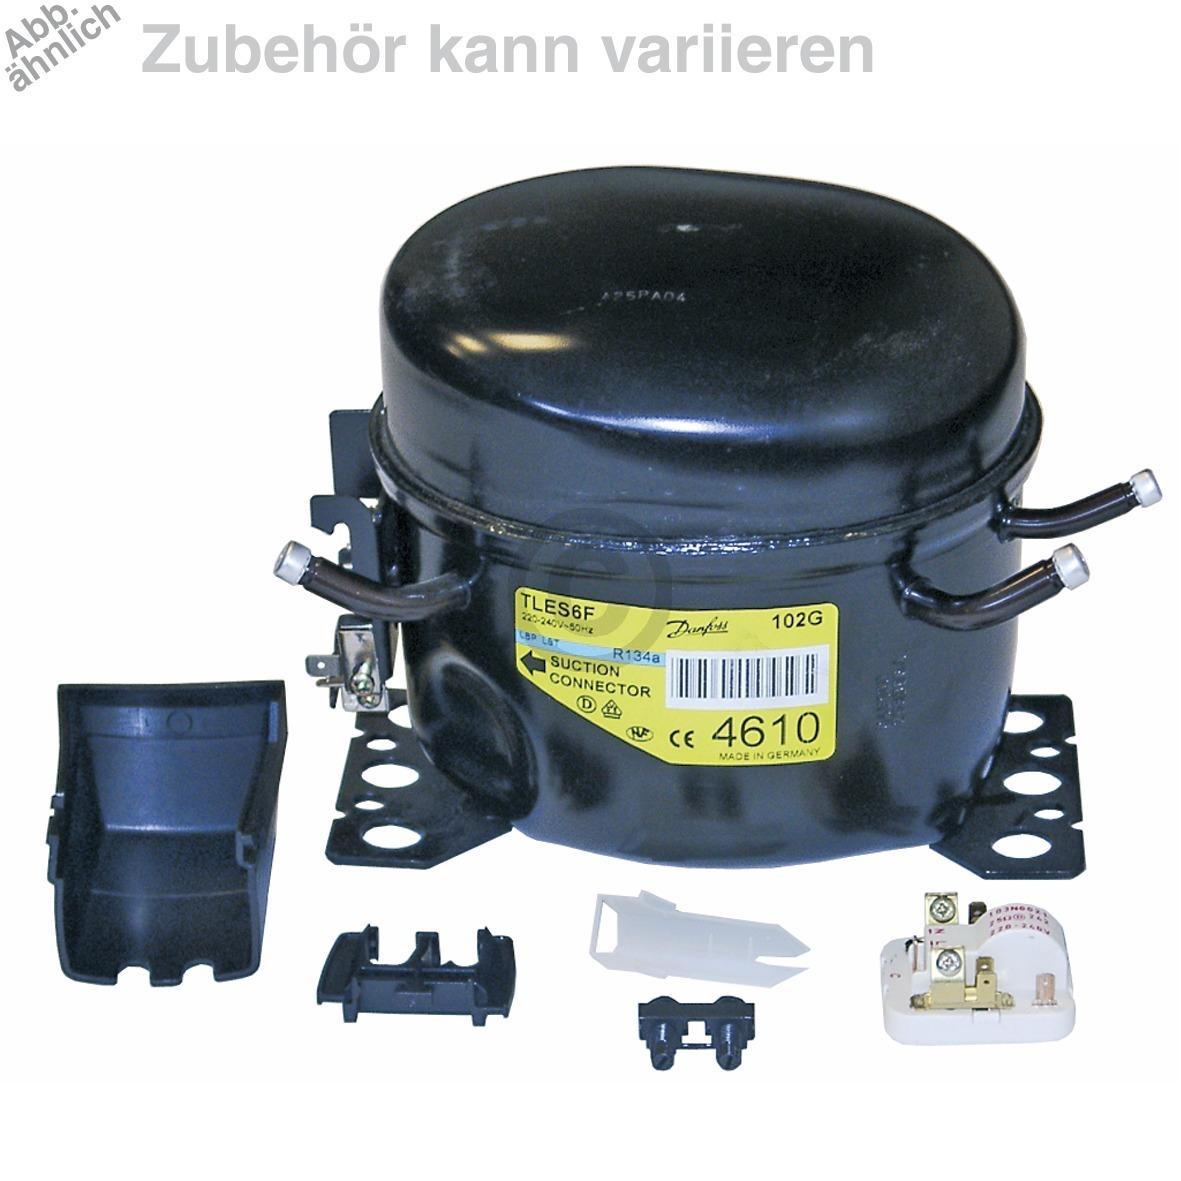 Kompressor für R134A 1/8PS C00144748 Bosch, Siemens, Neff, Liebherr, Indesit Hot